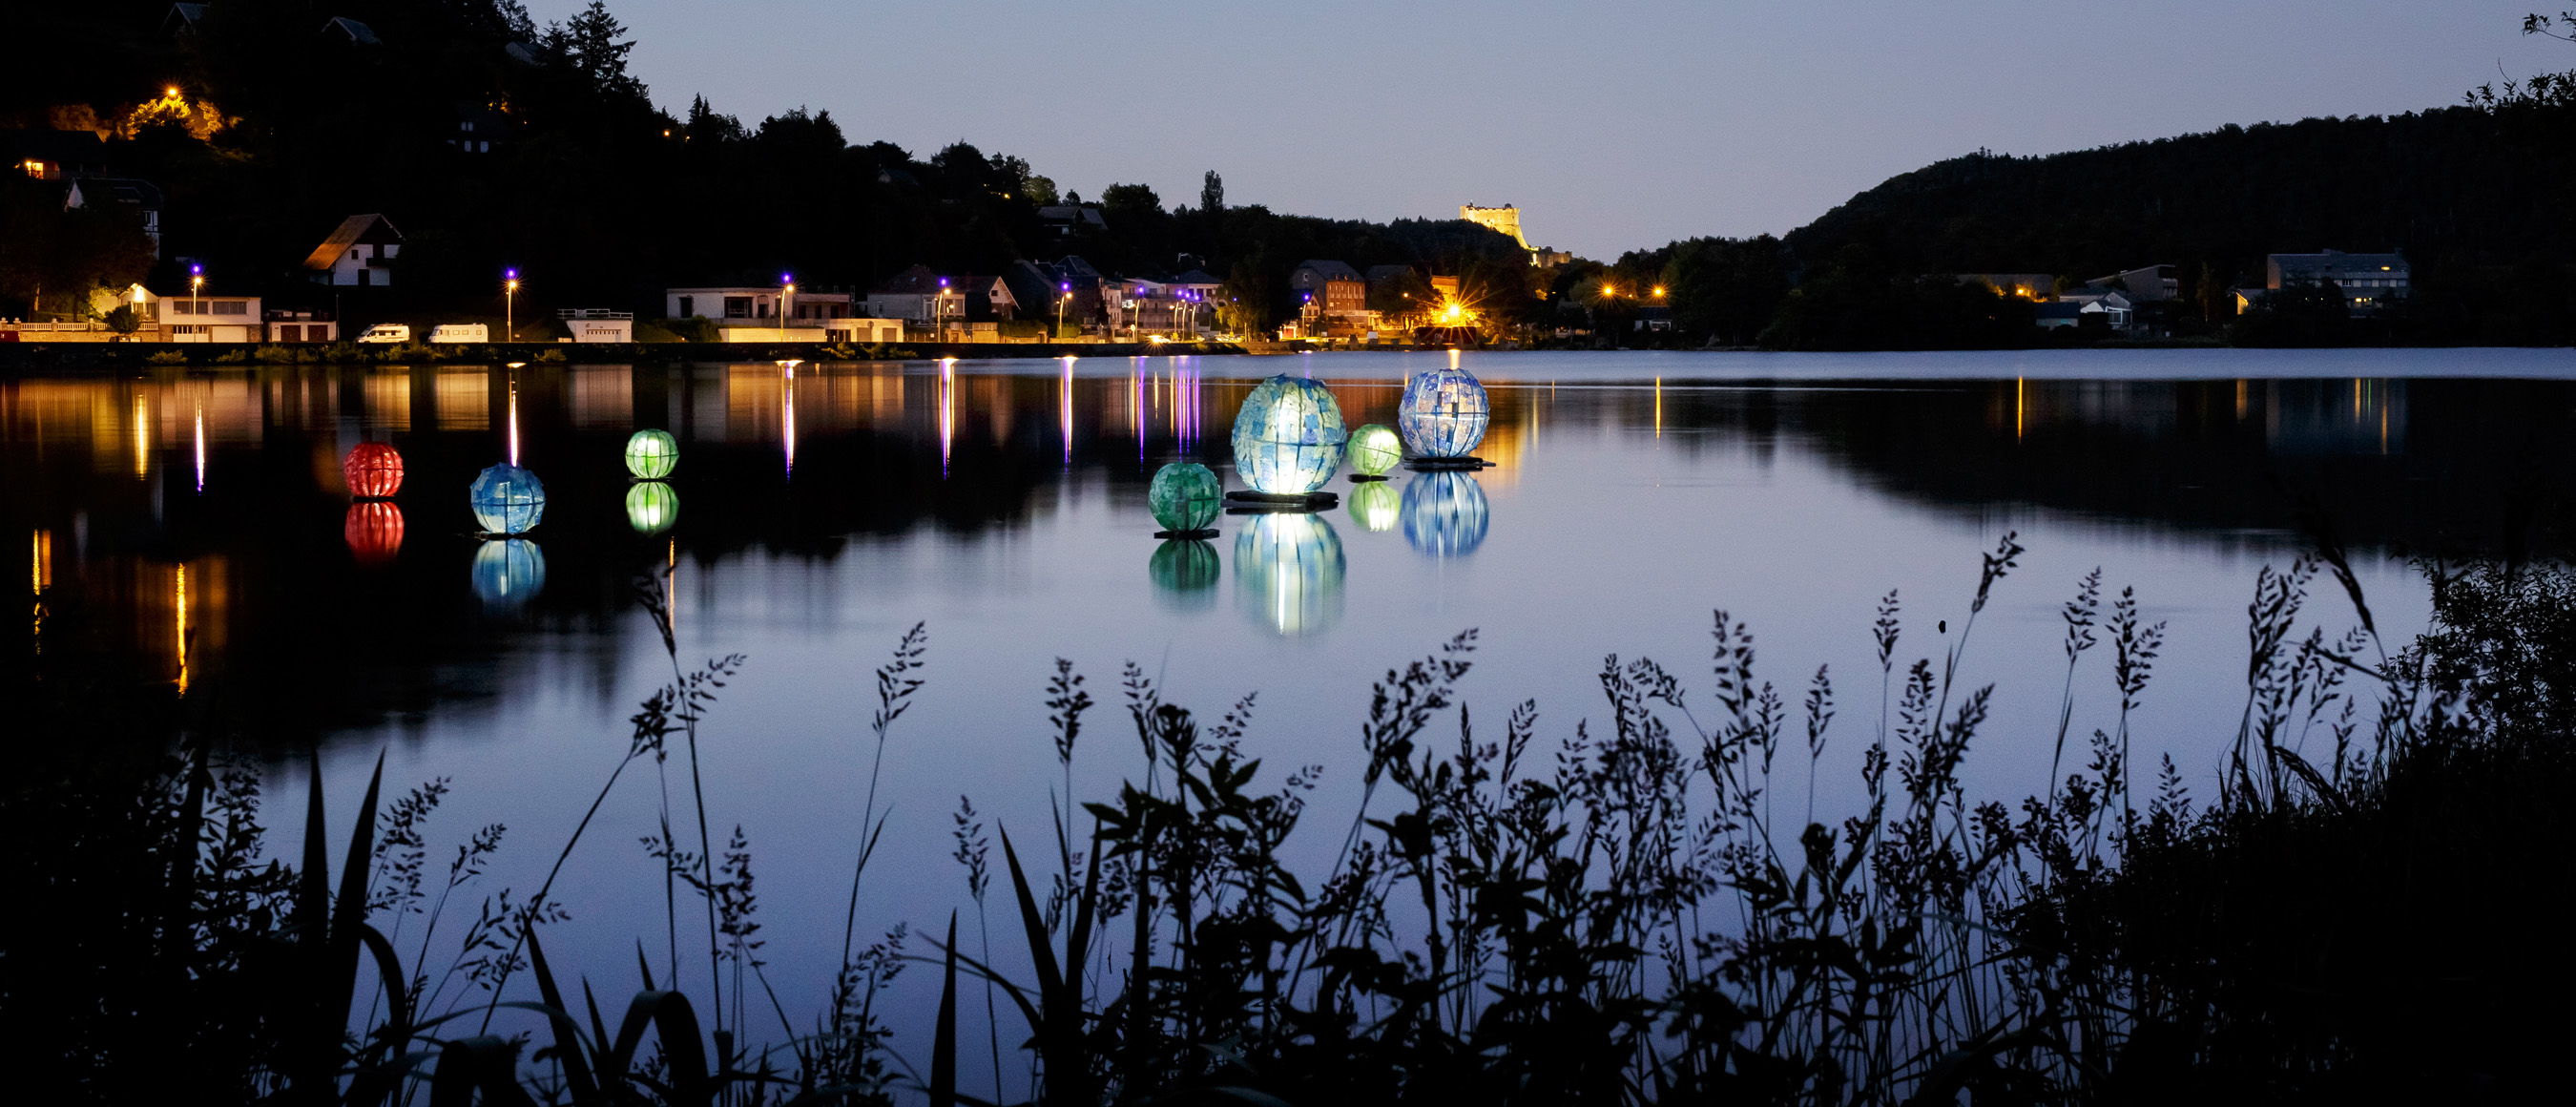 Perles du Lac - Oeuvre de 4AI, Sophie Coulon et Jean-Pierre Vignaud située au Lac Chambon - Horizons 2018